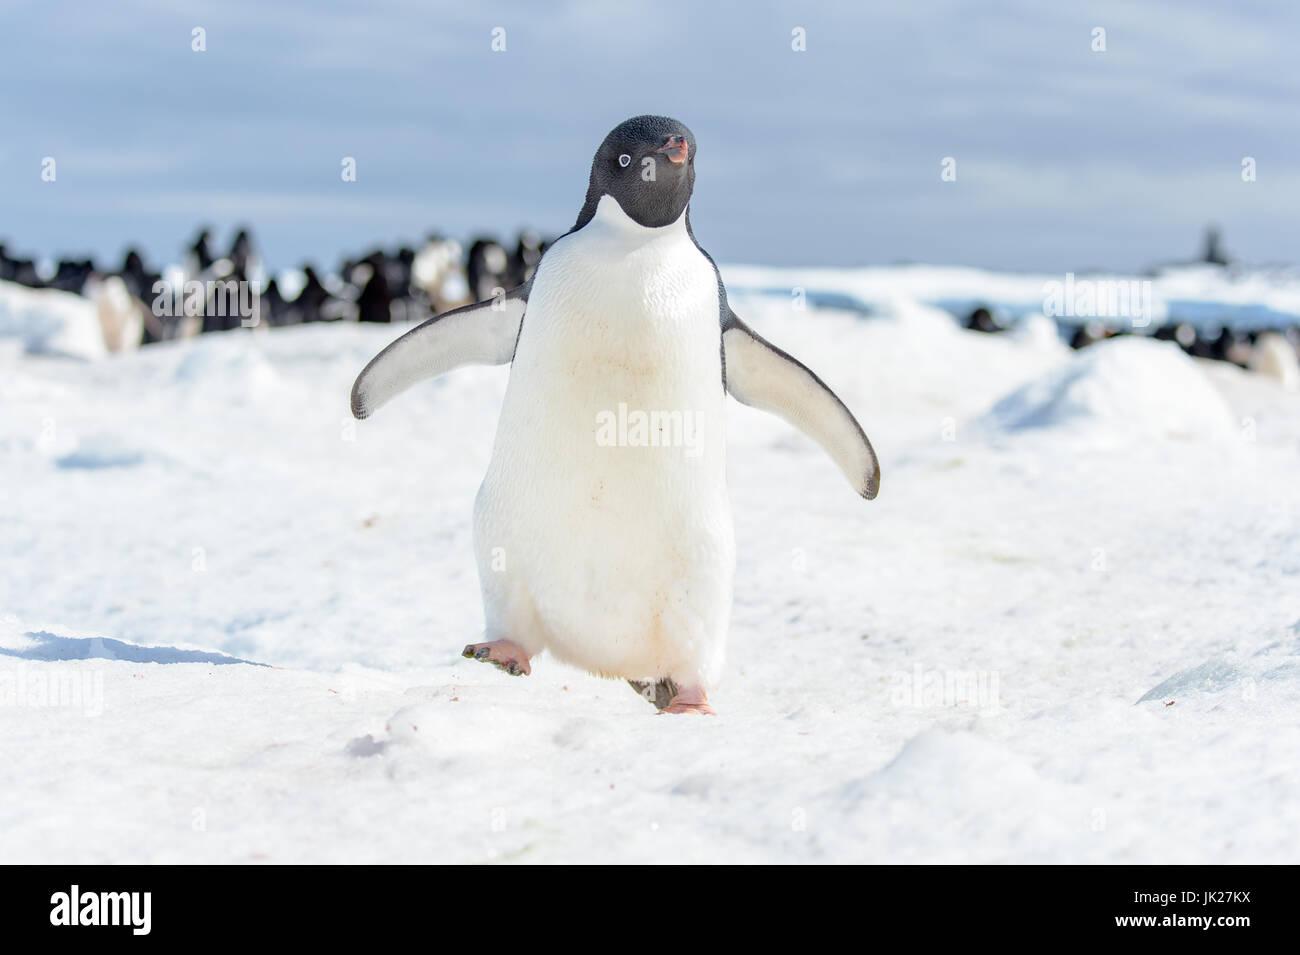 Adelie penguin in Antarctica walking towards the camera - Stock Image